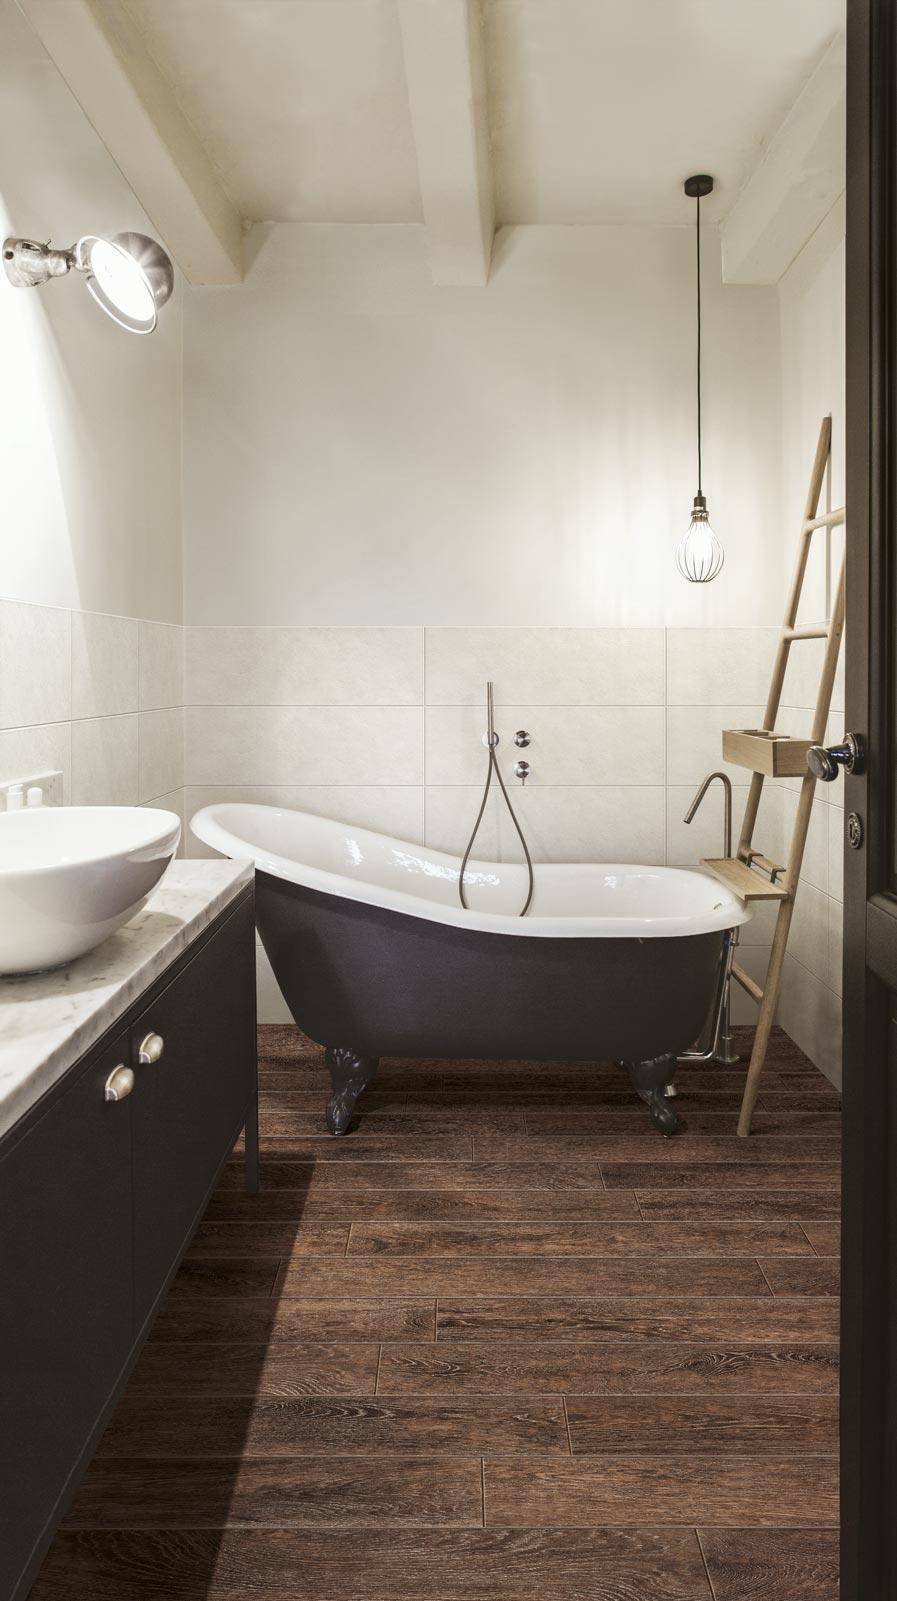 Piastrelle bagno in gres porcellanato ragno - Incollare piastrelle su piastrelle bagno ...